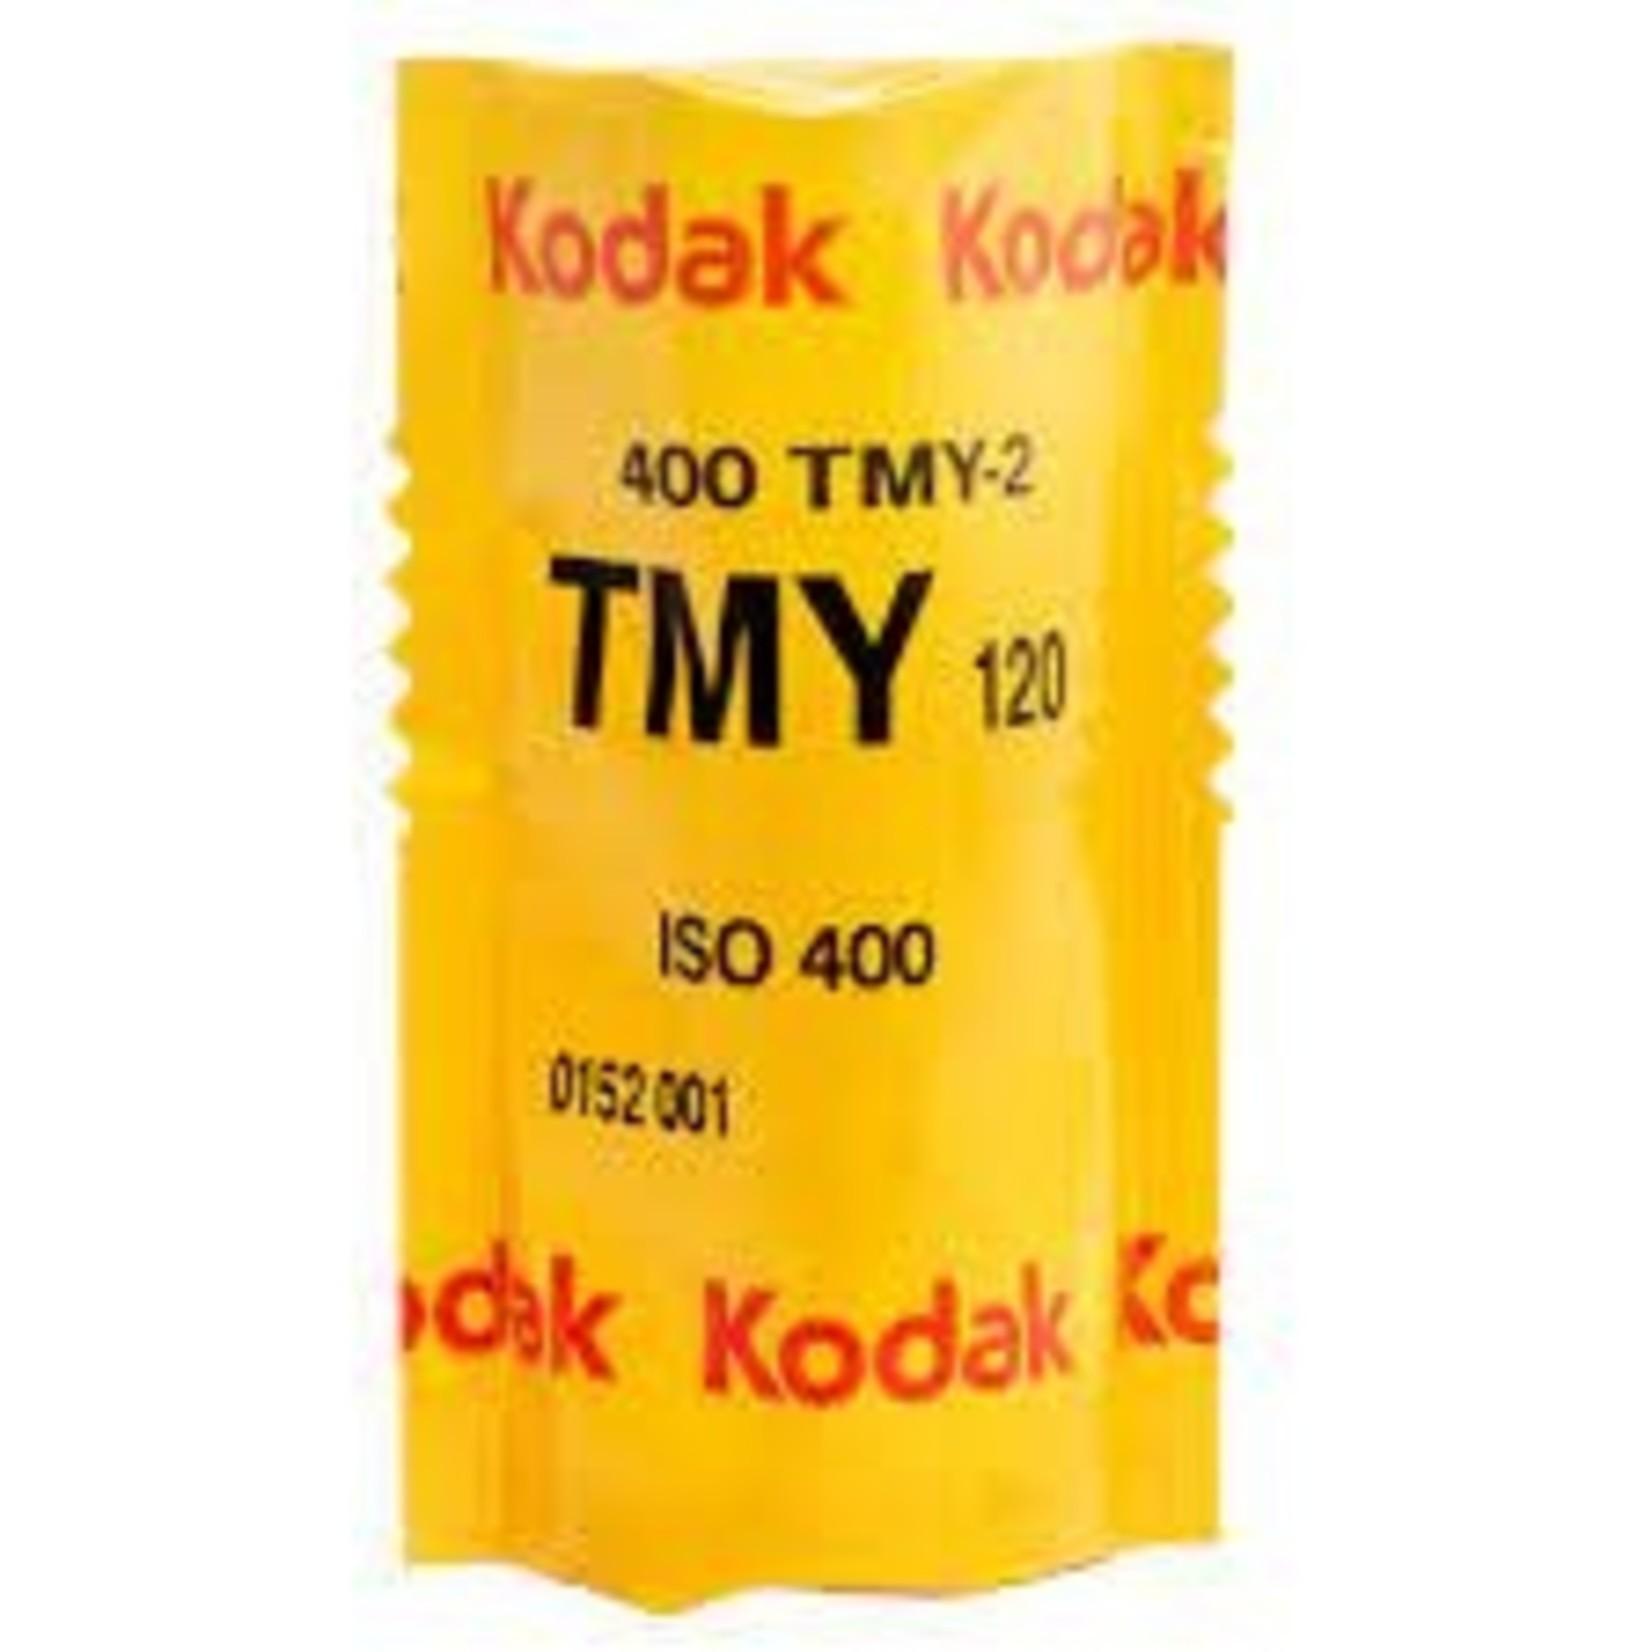 Kodak Kodak Professional T-Max 400 Black and White Negative Film 120 Roll Film